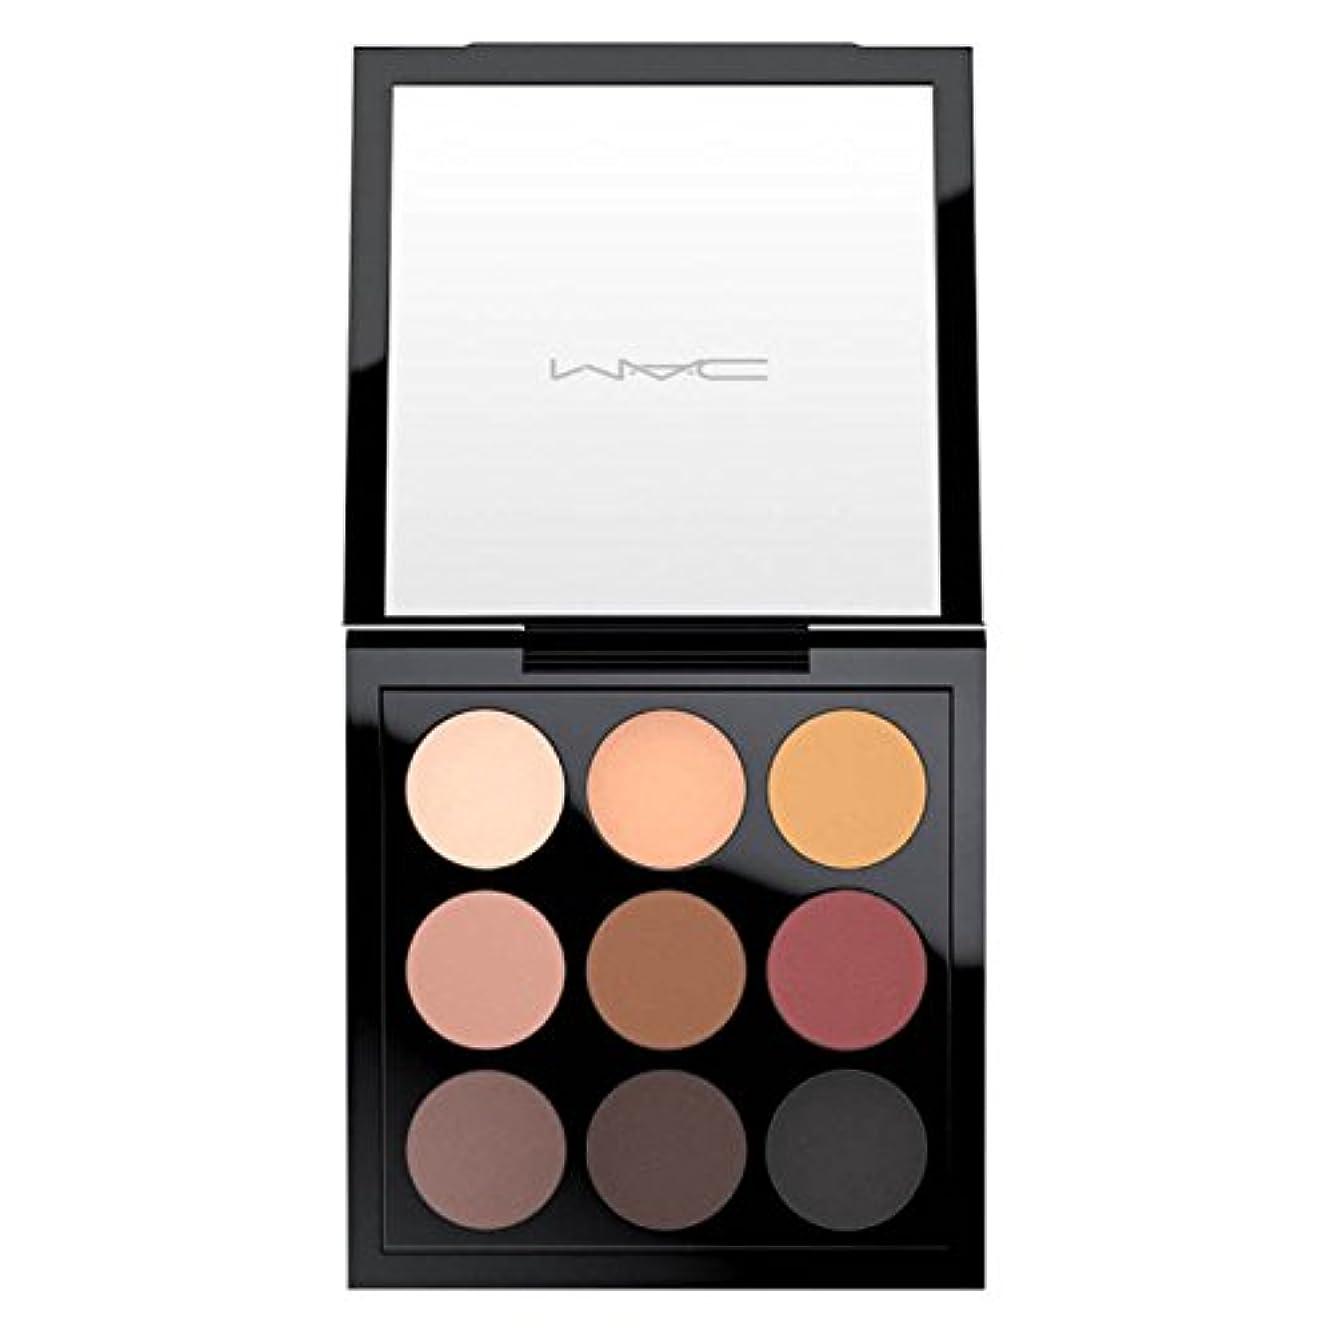 マイクロフォン支配するに対応M.A.C ?マック, Semi-Sweet Times Nine Eyeshadow Palette セミスウィートタイムズナインアイシャドウパレット [海外直送品] [並行輸入品]